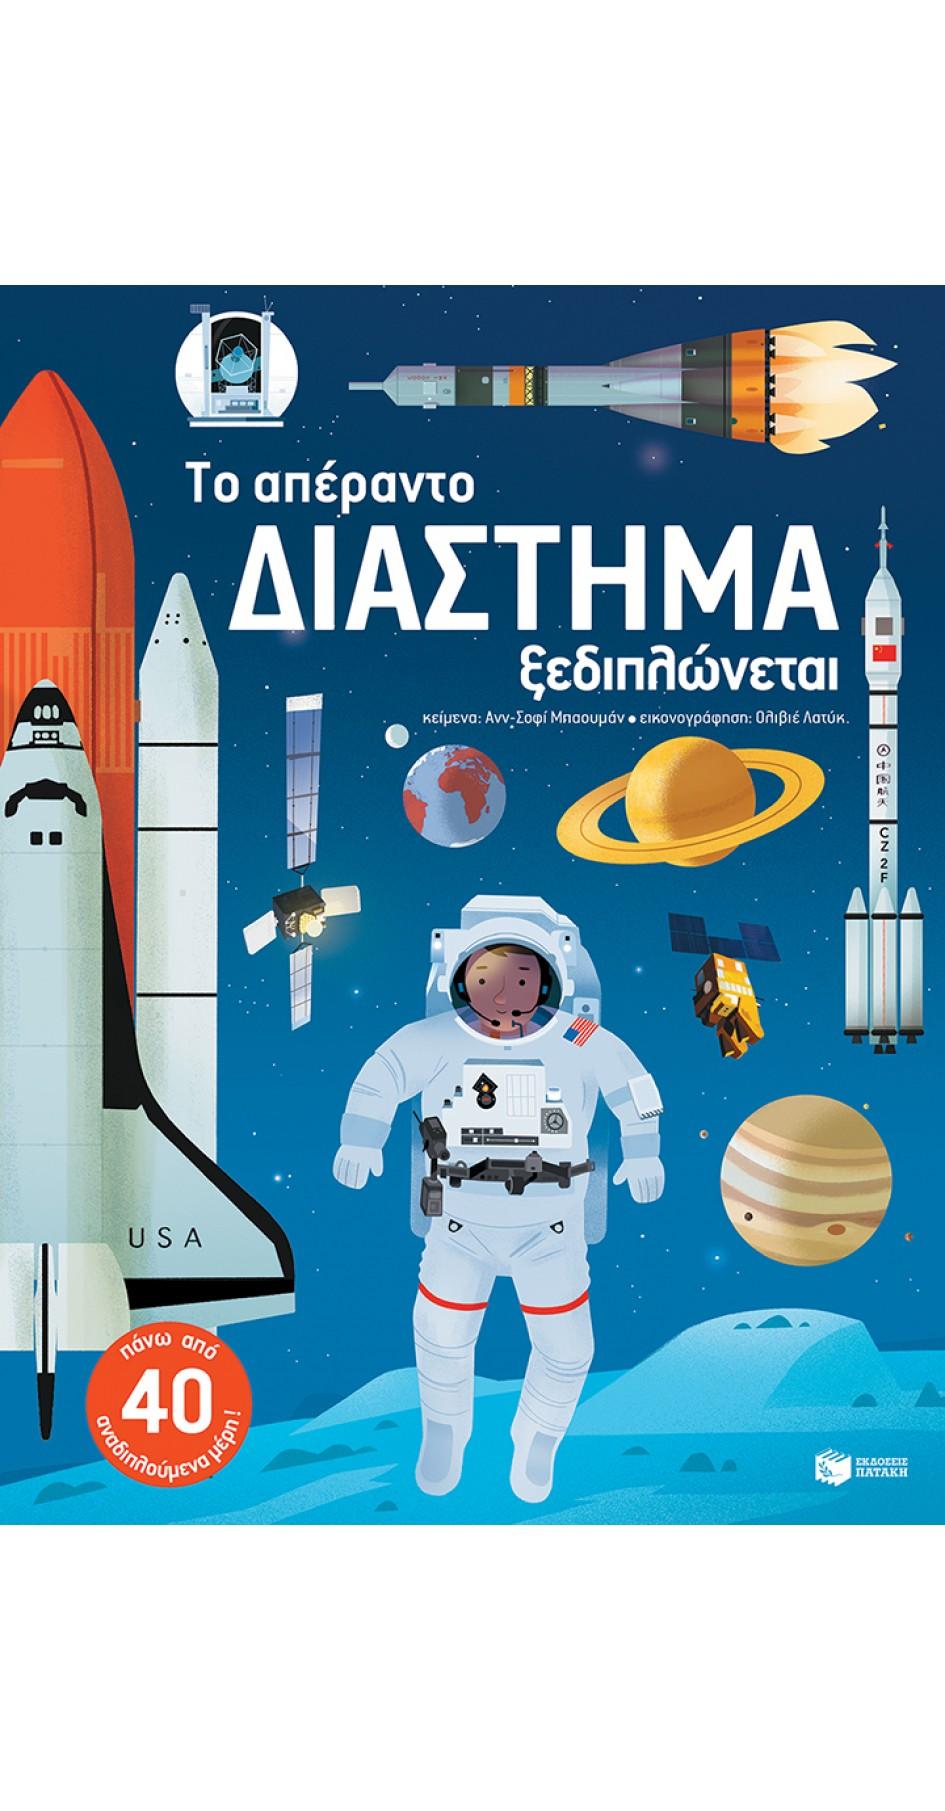 Το απέραντο διάστημα ξεδιπλώνεται (book in Greek)